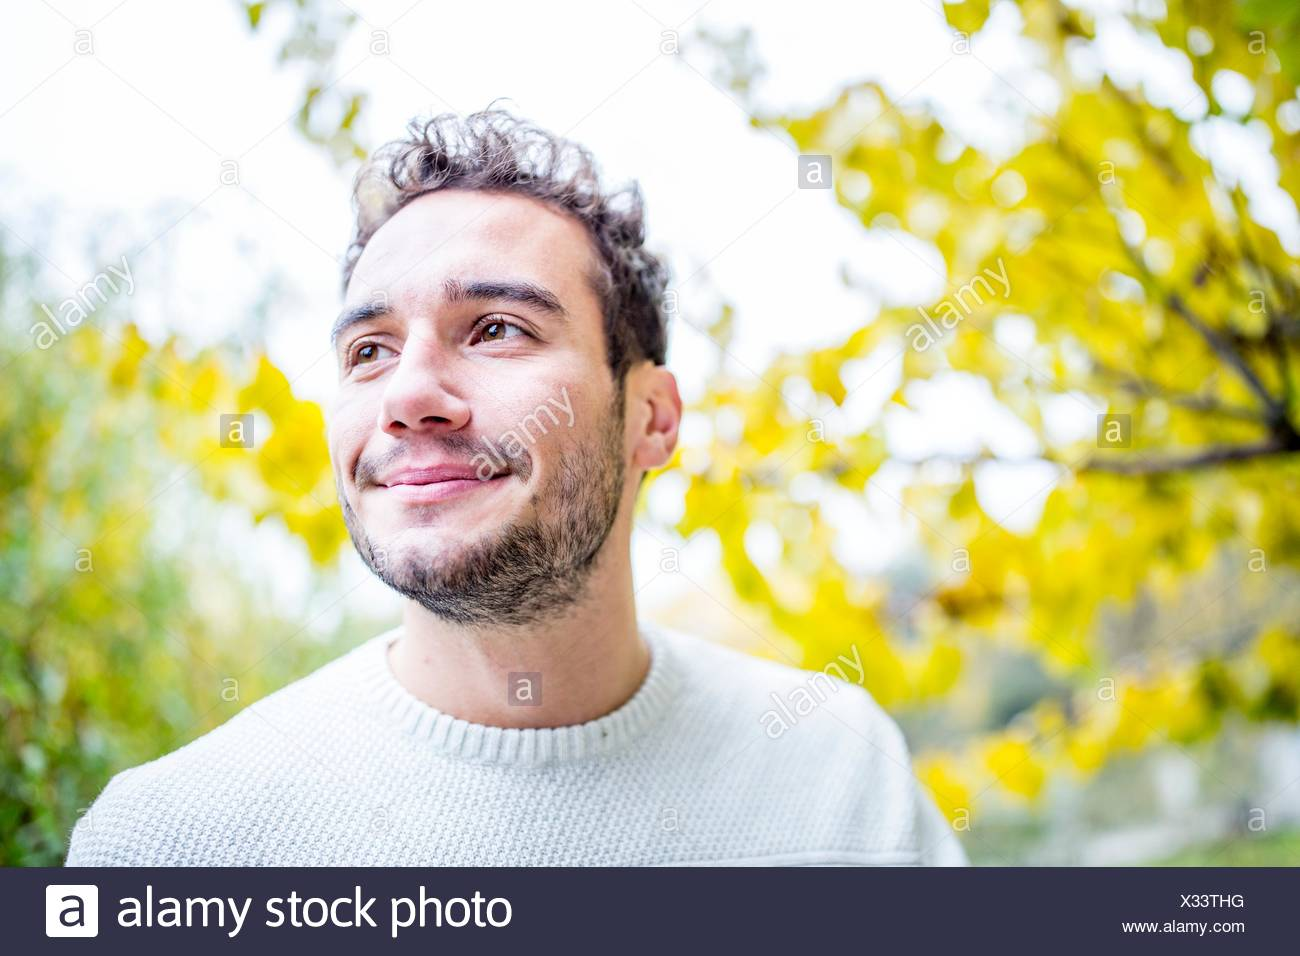 -MODELL VERÖFFENTLICHT. Junger Mann wegsehen und lächelnd, close-up. Stockbild